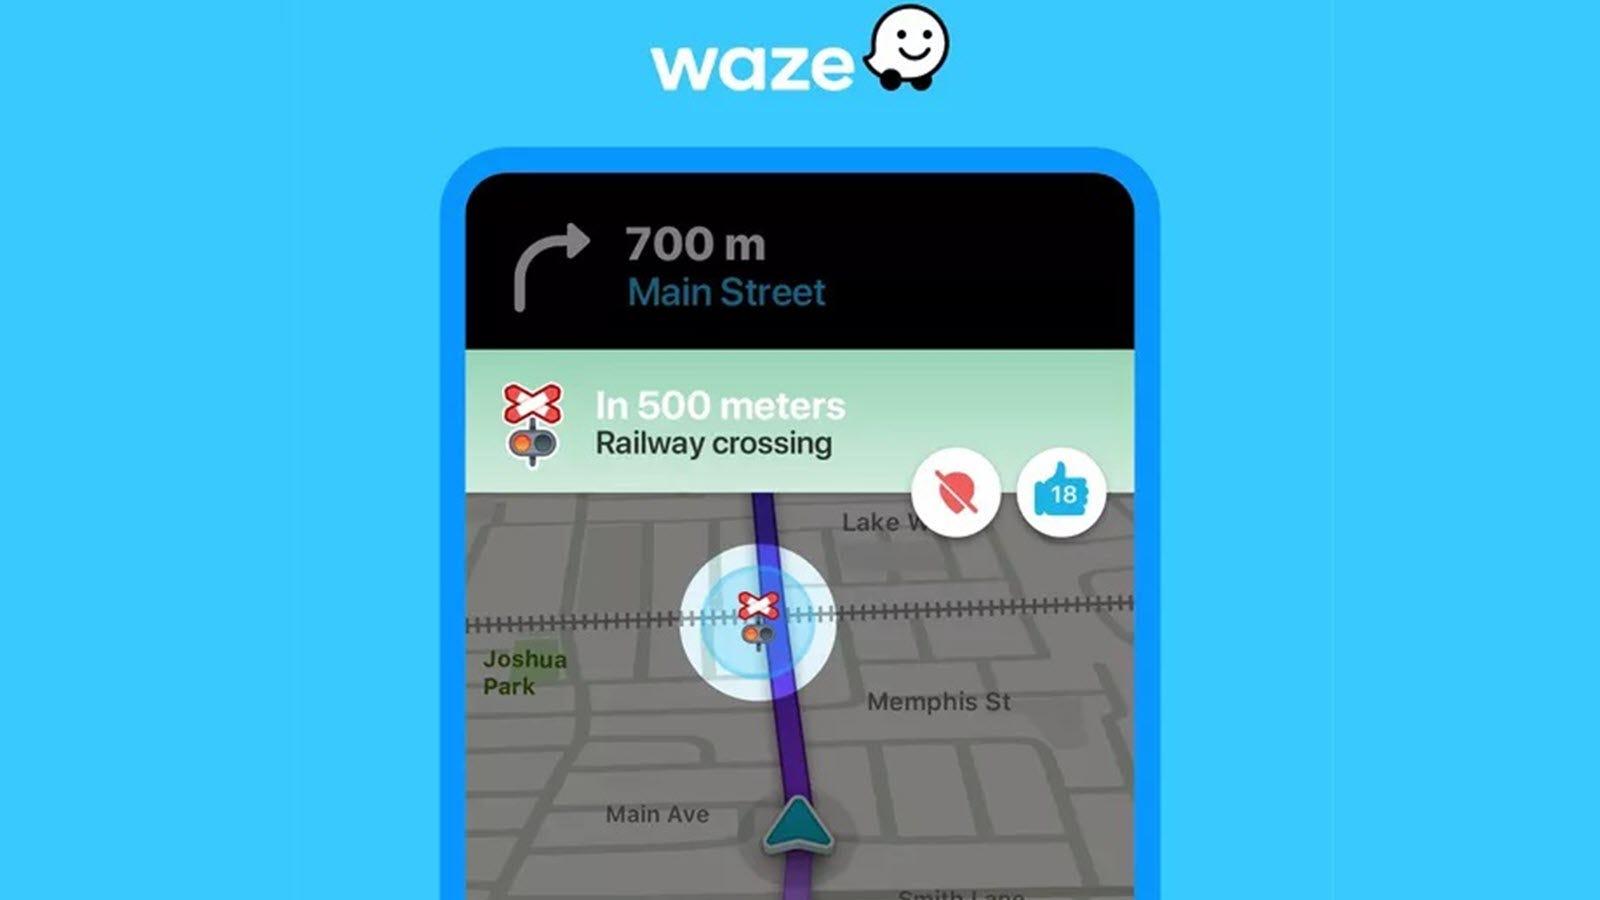 The Waze app notifiying an upcomoing railroad crossing.